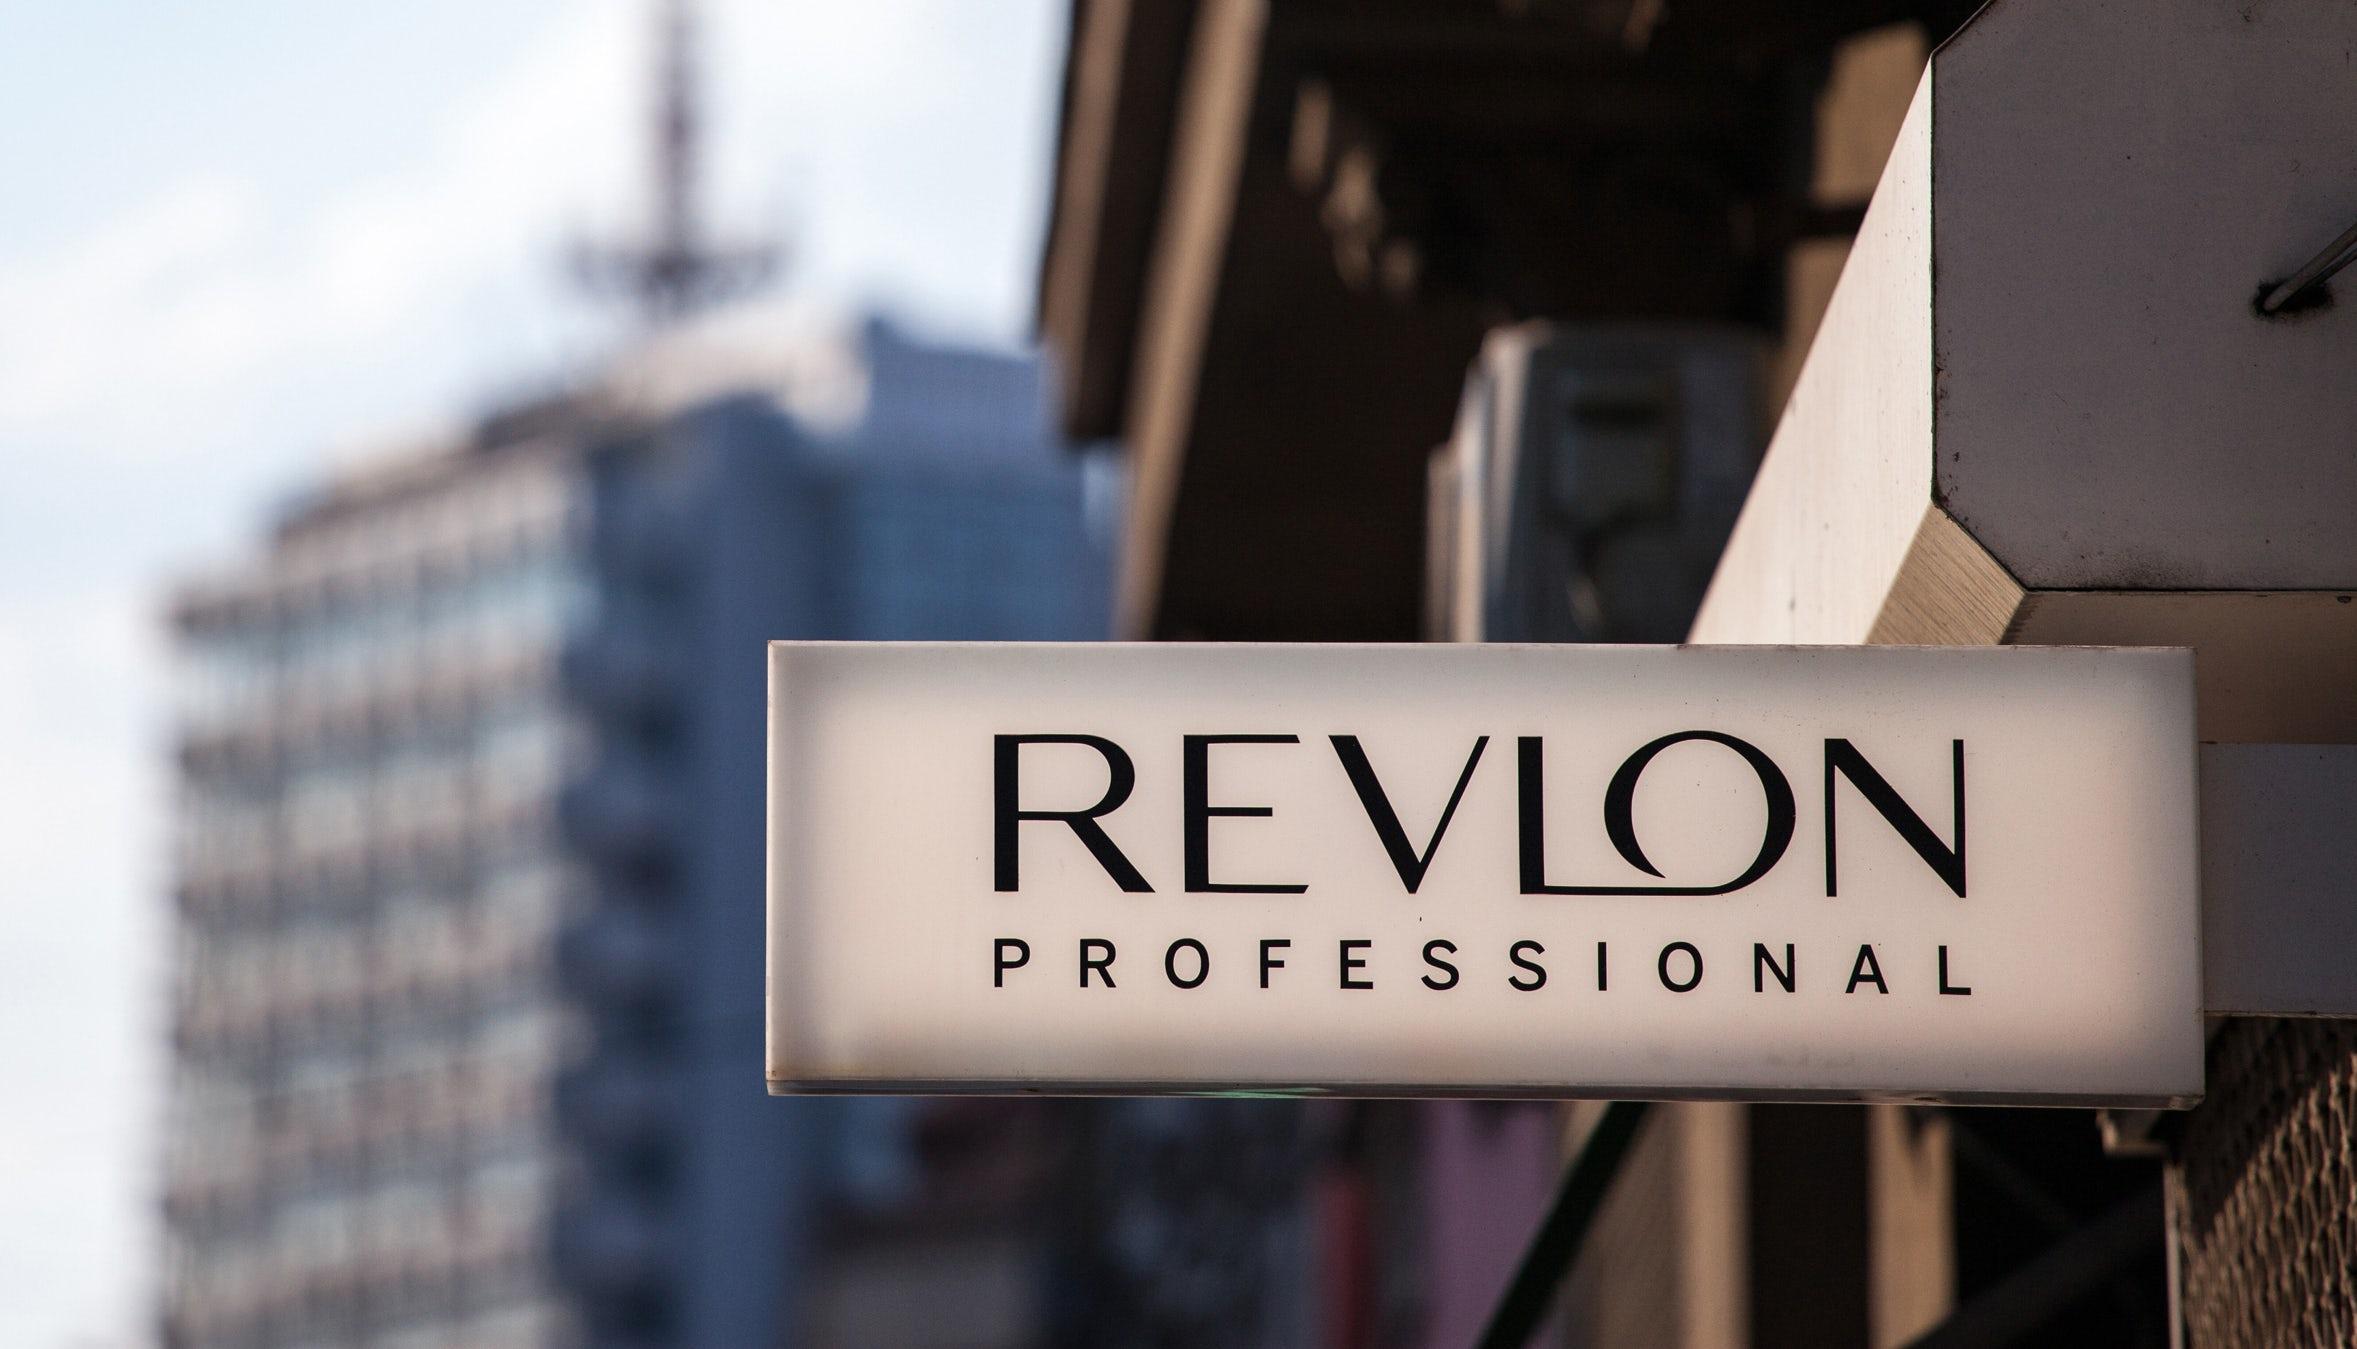 Revlon sign. Shutterstock.